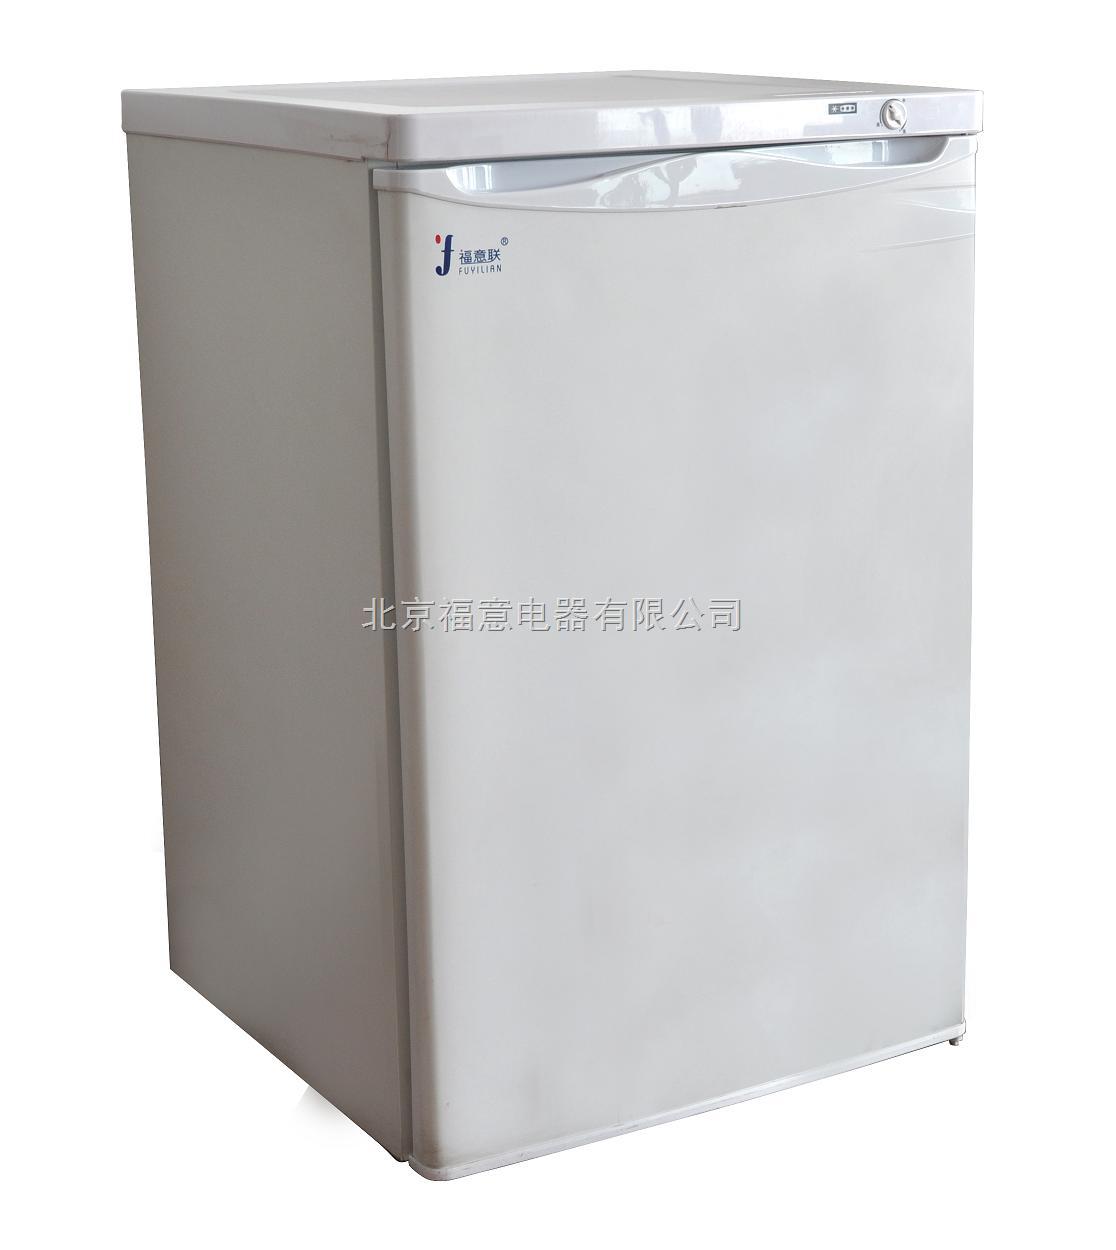 低温冰箱 -20度